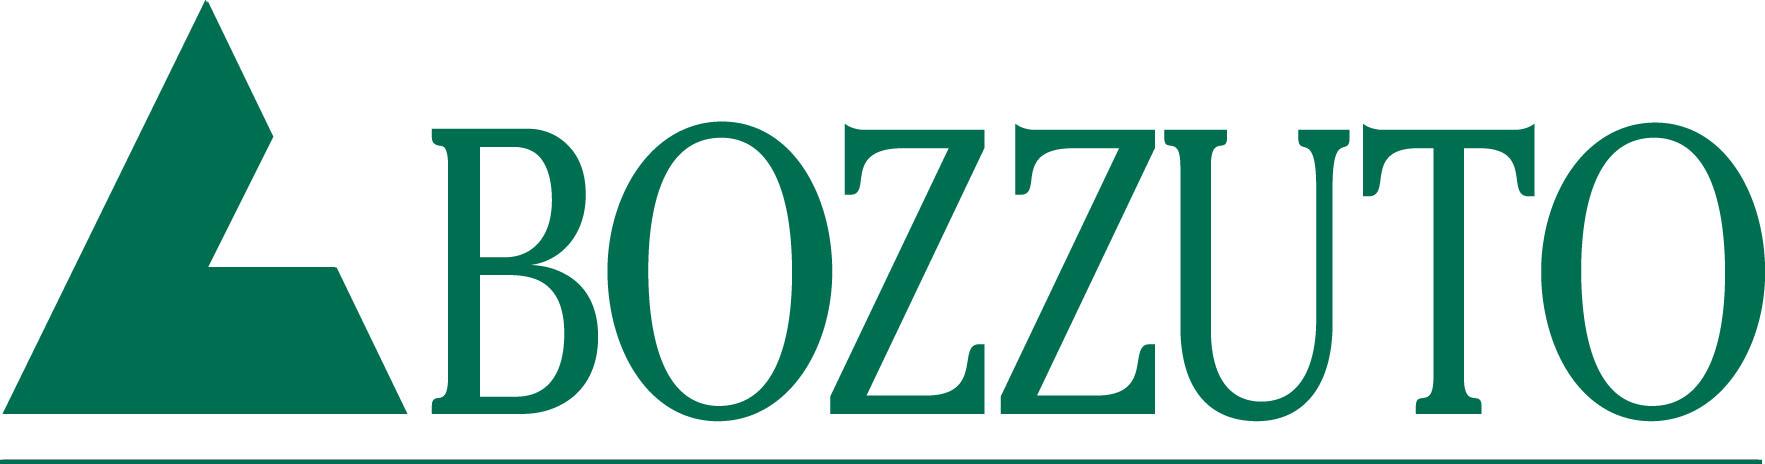 Bozzuto Group logo